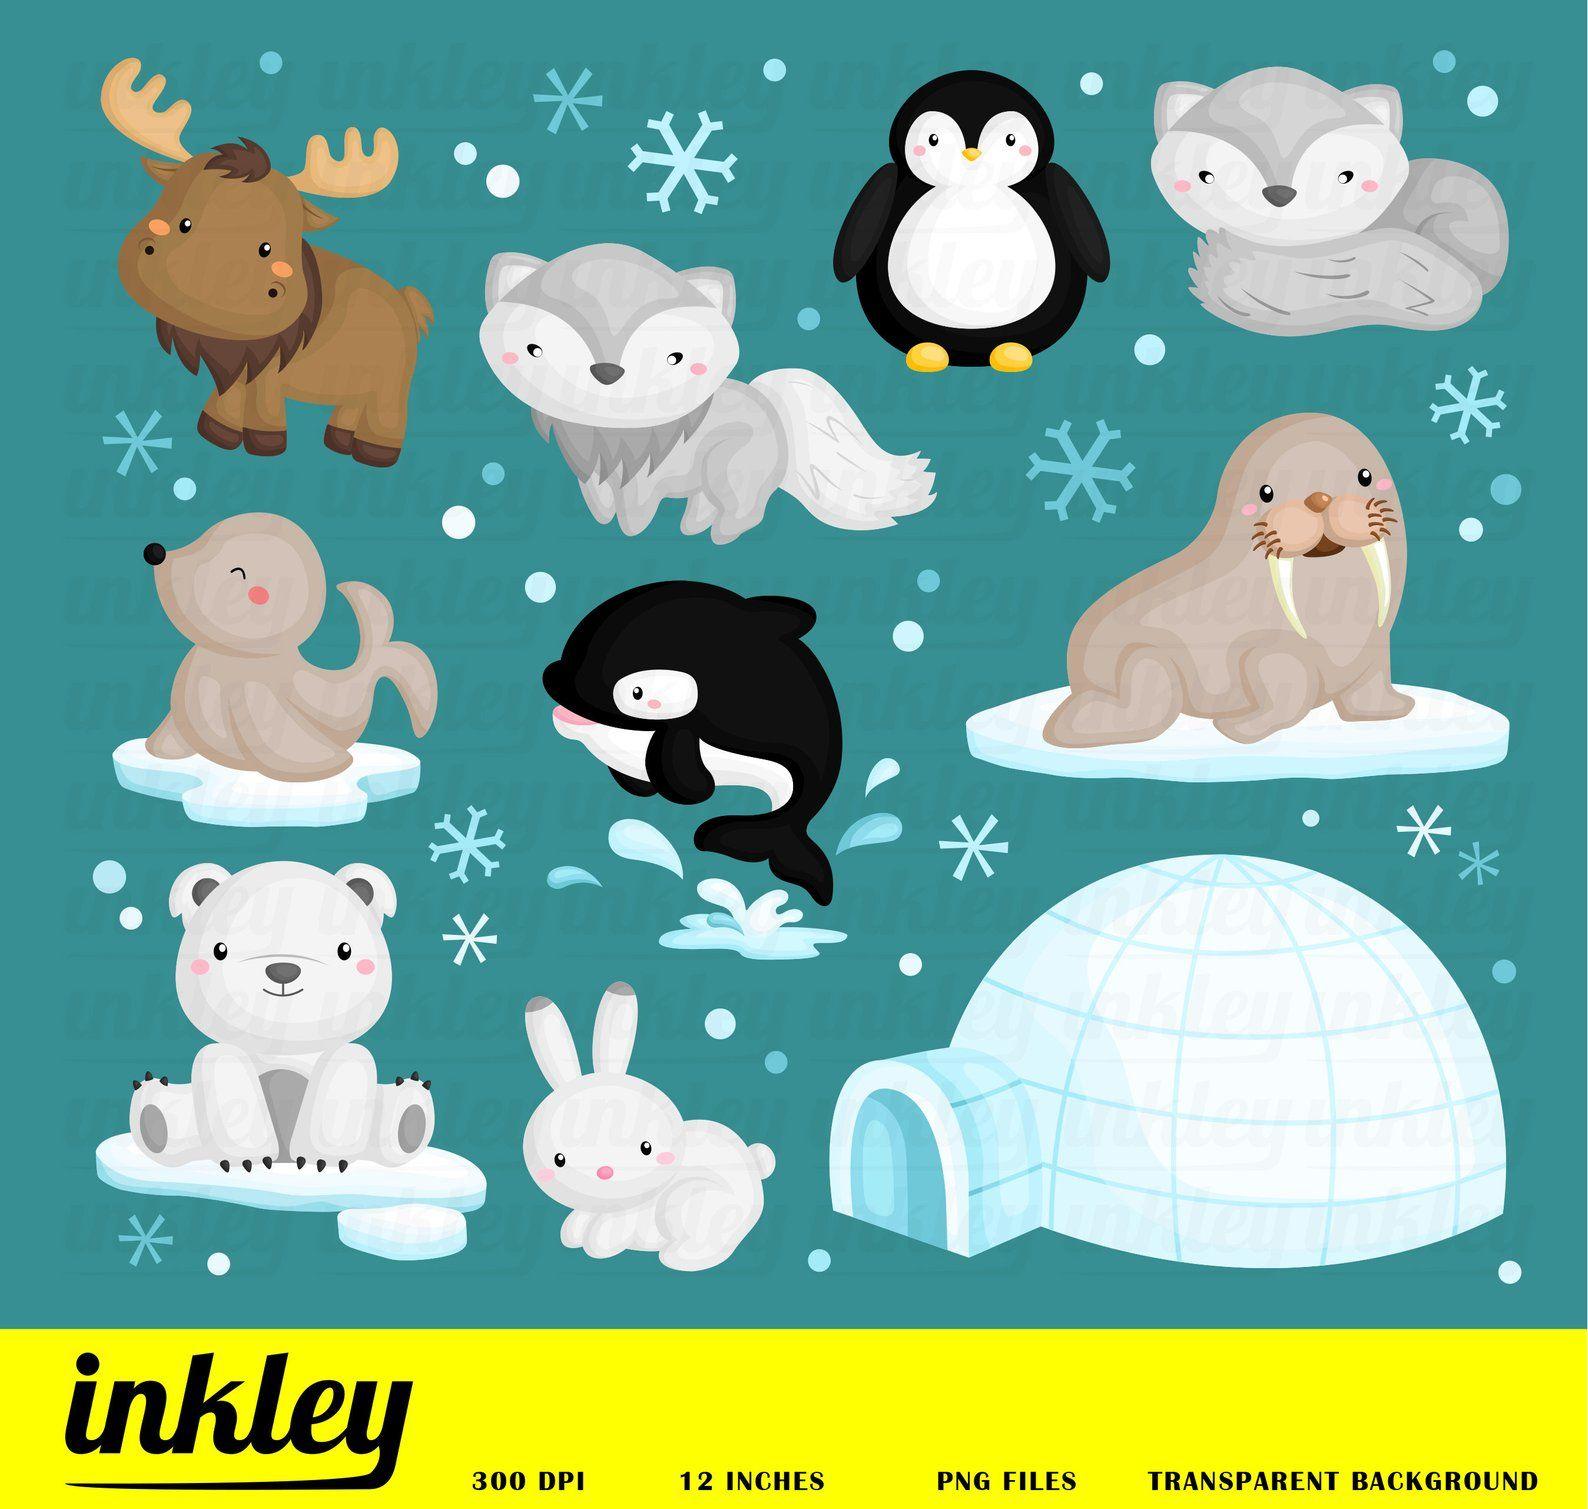 Arctic Animal Clipart Cute Animal Clip Art Wild Animal Etsy Animal Clipart Cute Doodles Drawings Arctic Animals